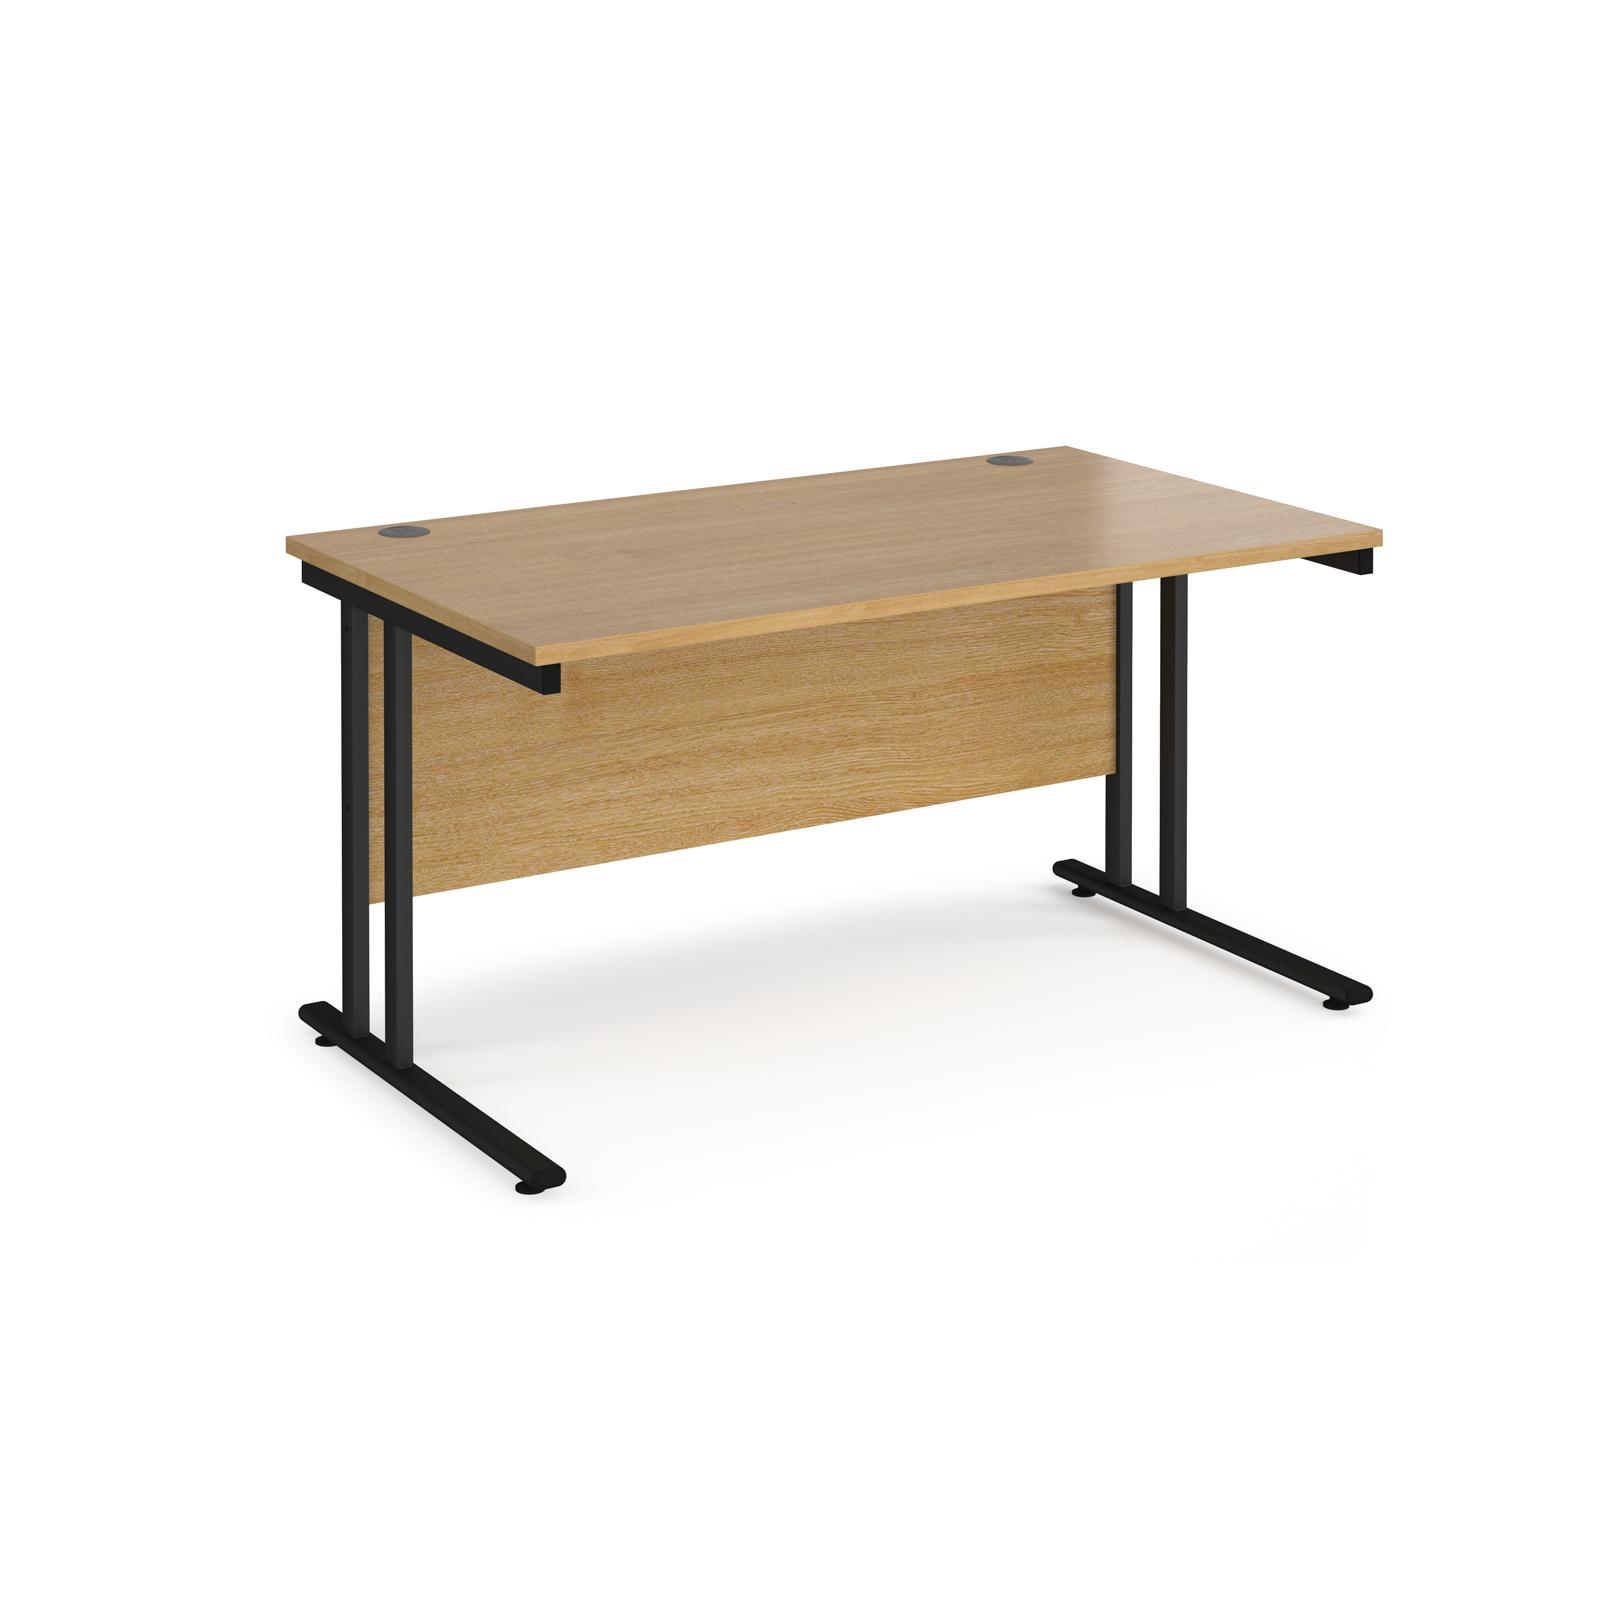 Rectangular Desks Maestro 25 straight desk 1400mm x 800mm - black cantilever leg frame, oak top